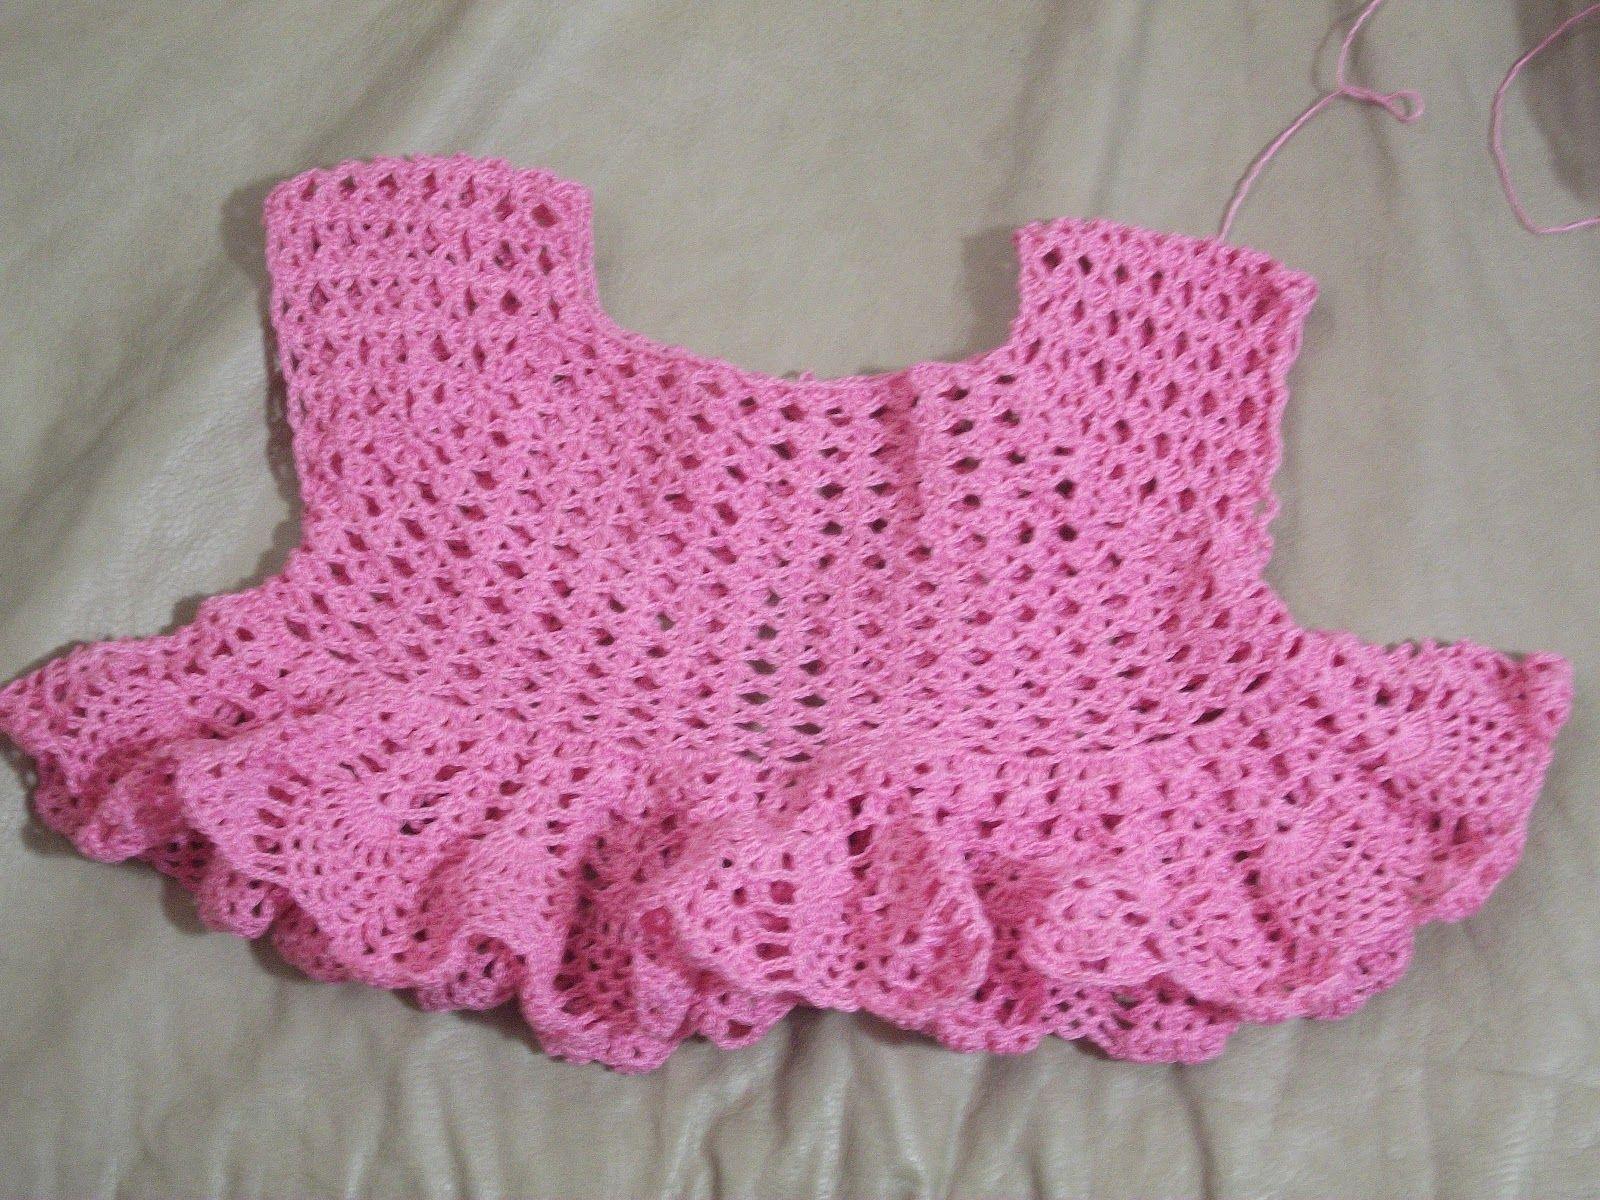 TOC-TOC NA CUCA: Como fazer vestido de crochê infantil - algumas dicas e receitas